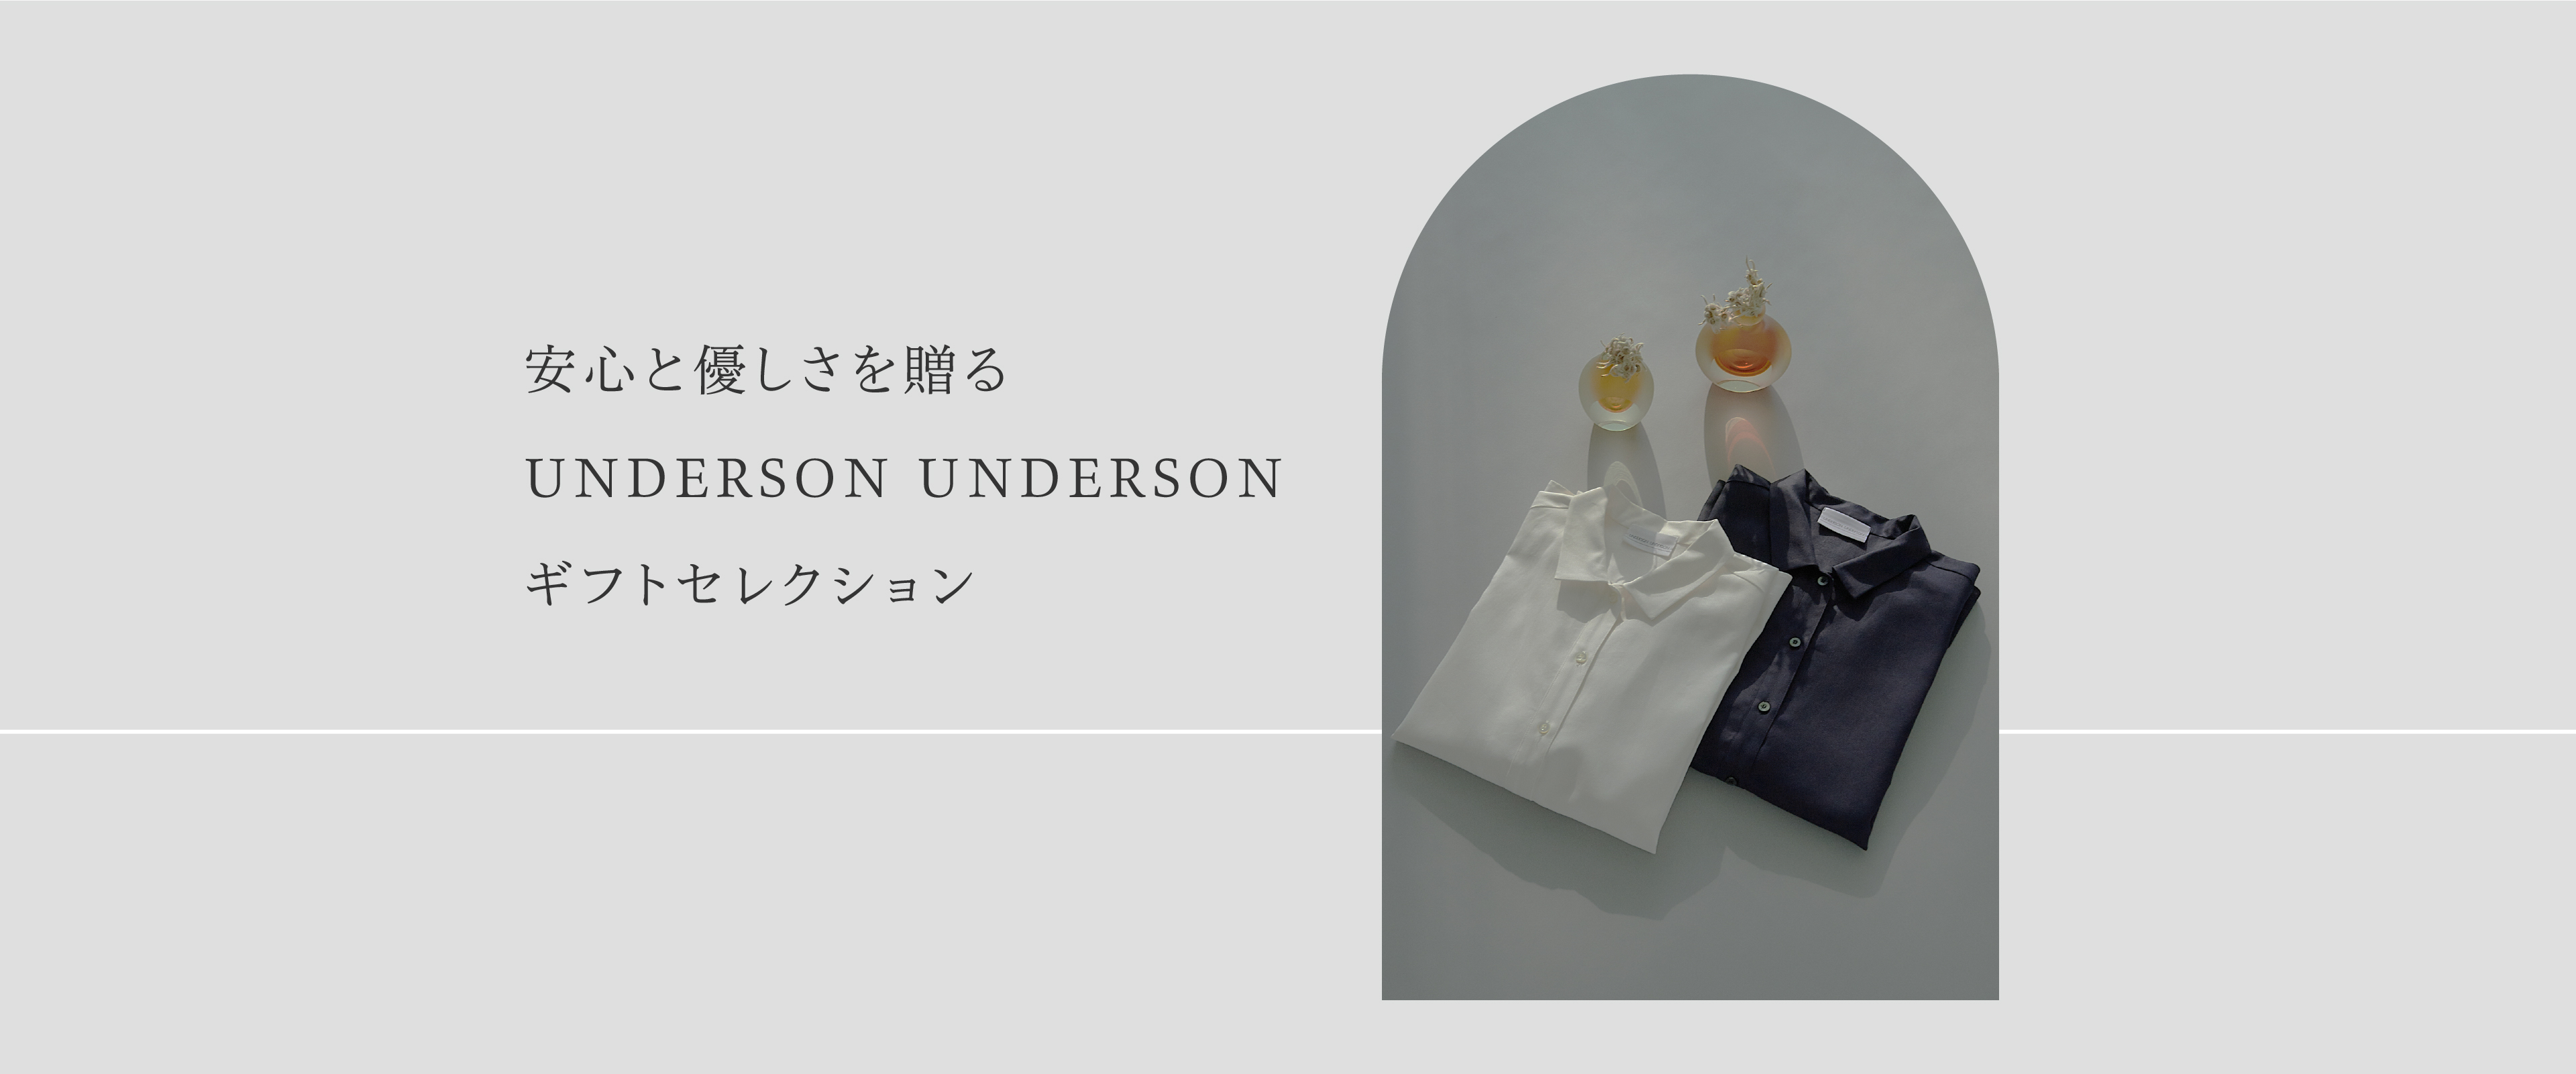 安心と優しさを贈る UNDERSON UNDERSONの ギフトセレクション